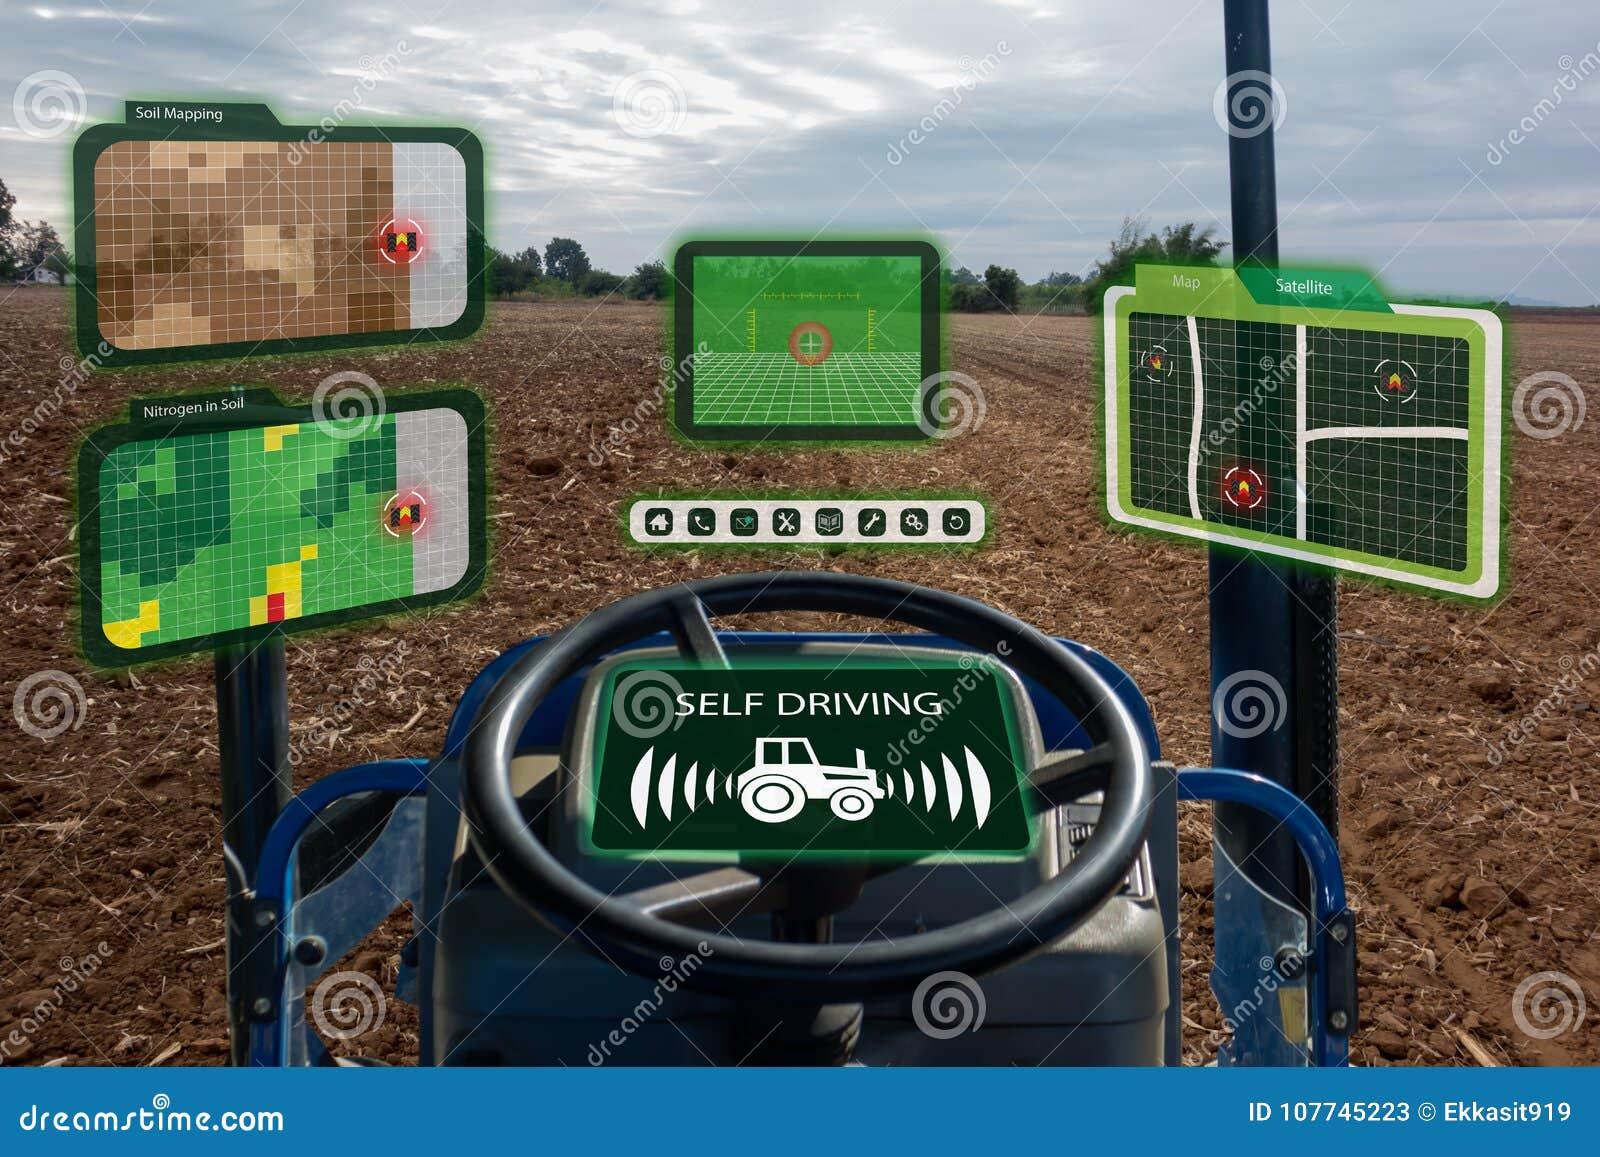 Робот 4 индустрии Iot умный 0 концепций земледелия, промышленный agronomist, фермер используя автономный трактор при собственная